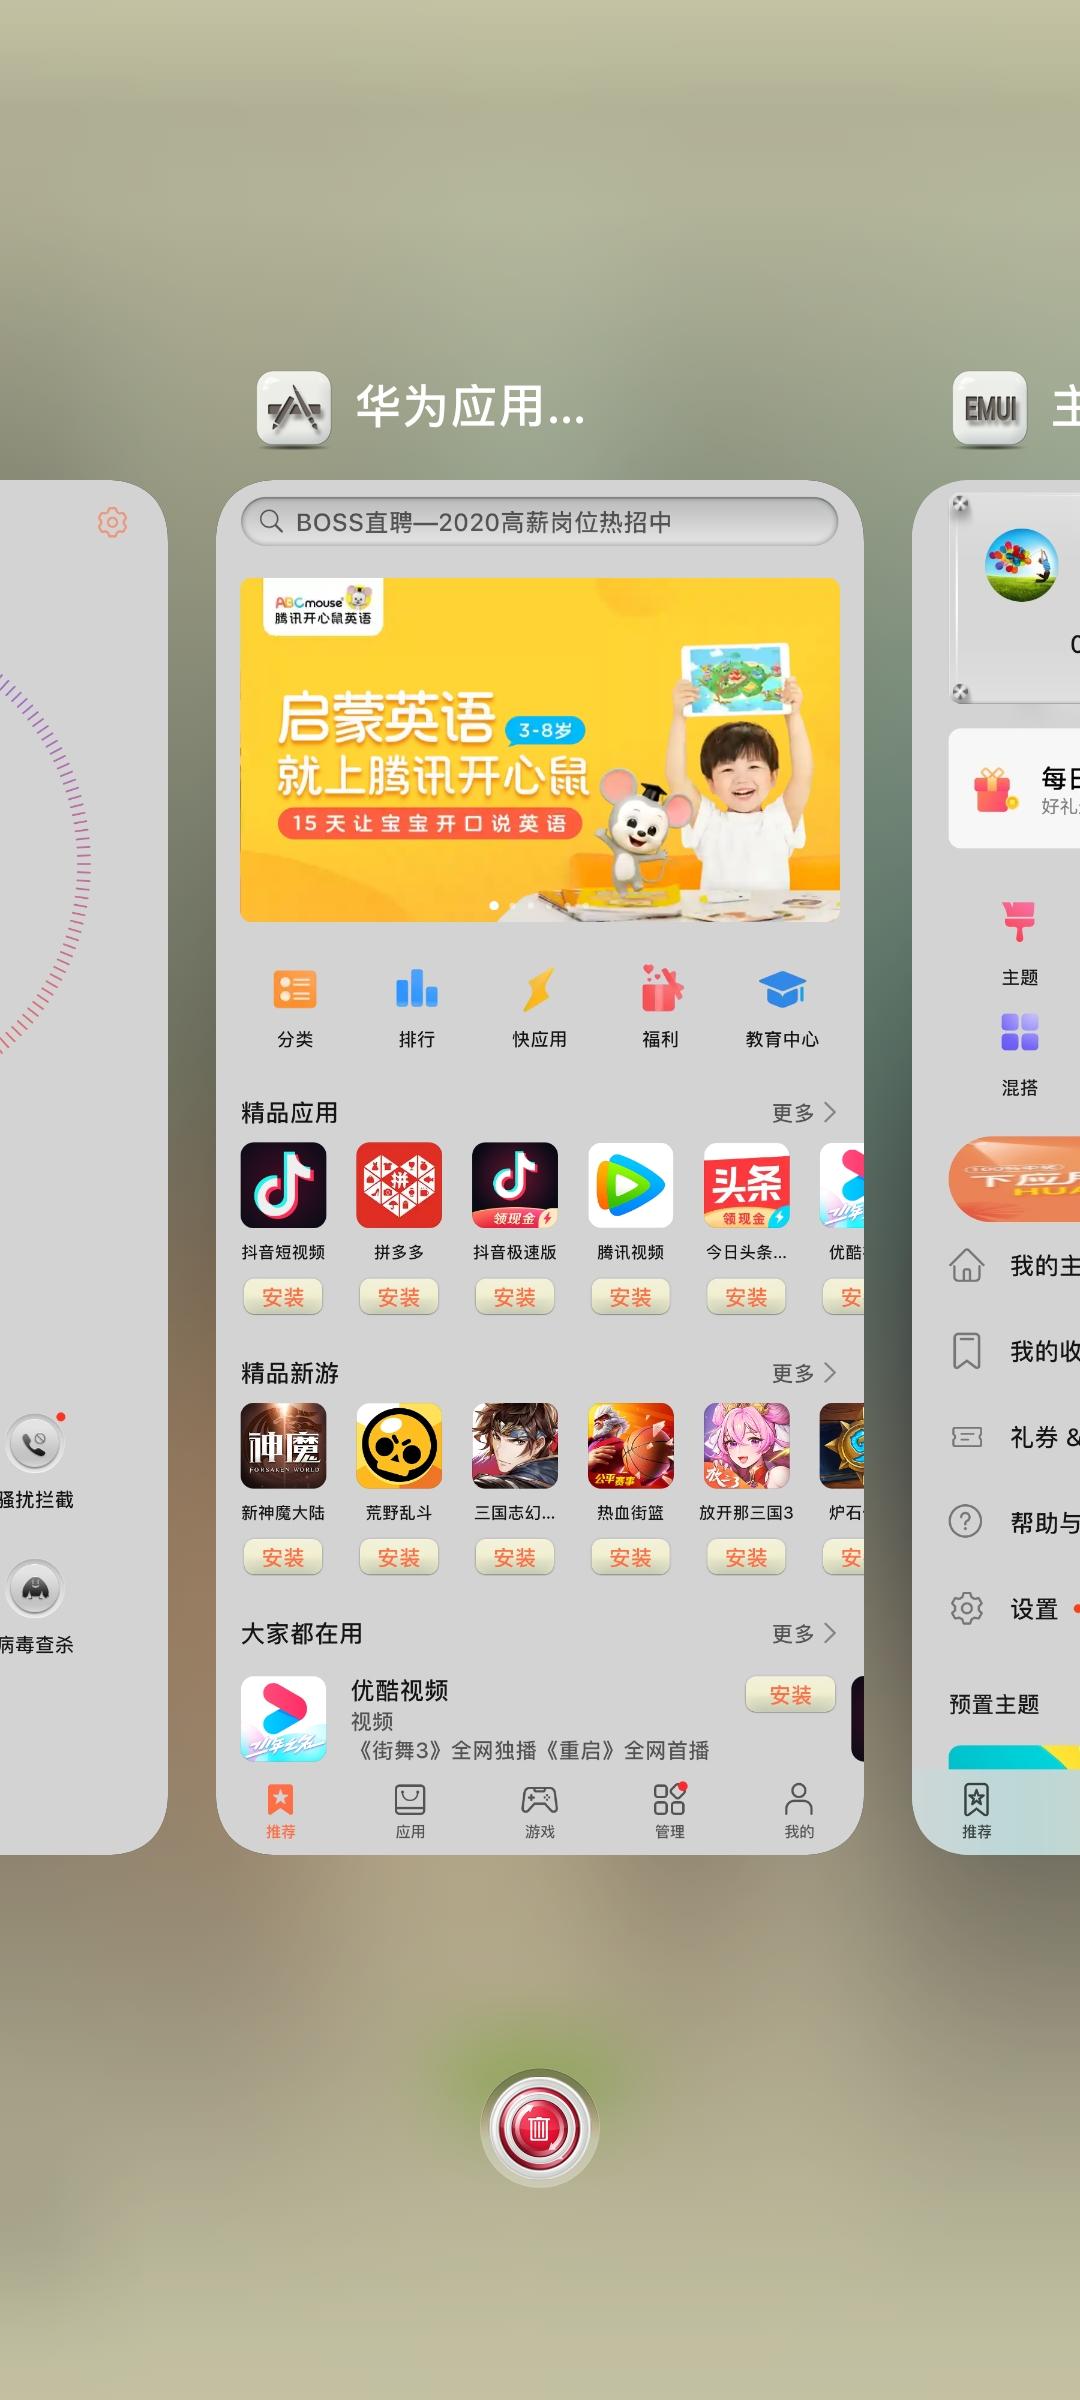 Screenshot_20200728_142430_com.huawei.android.launcher.jpg